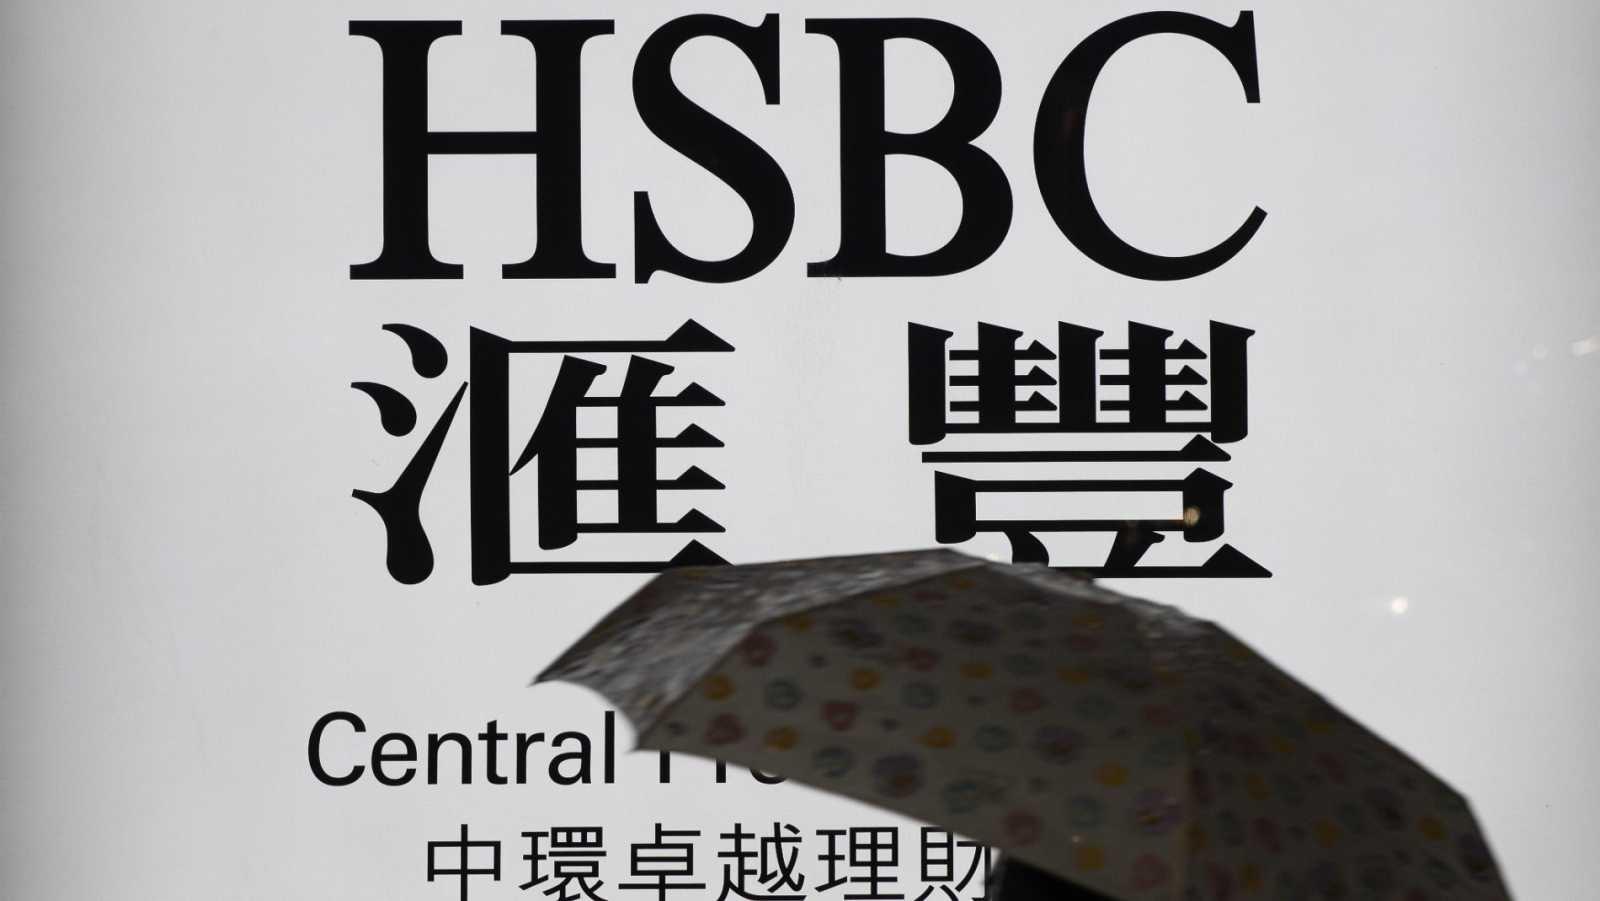 Logotipo del HSBC en Hong Kong